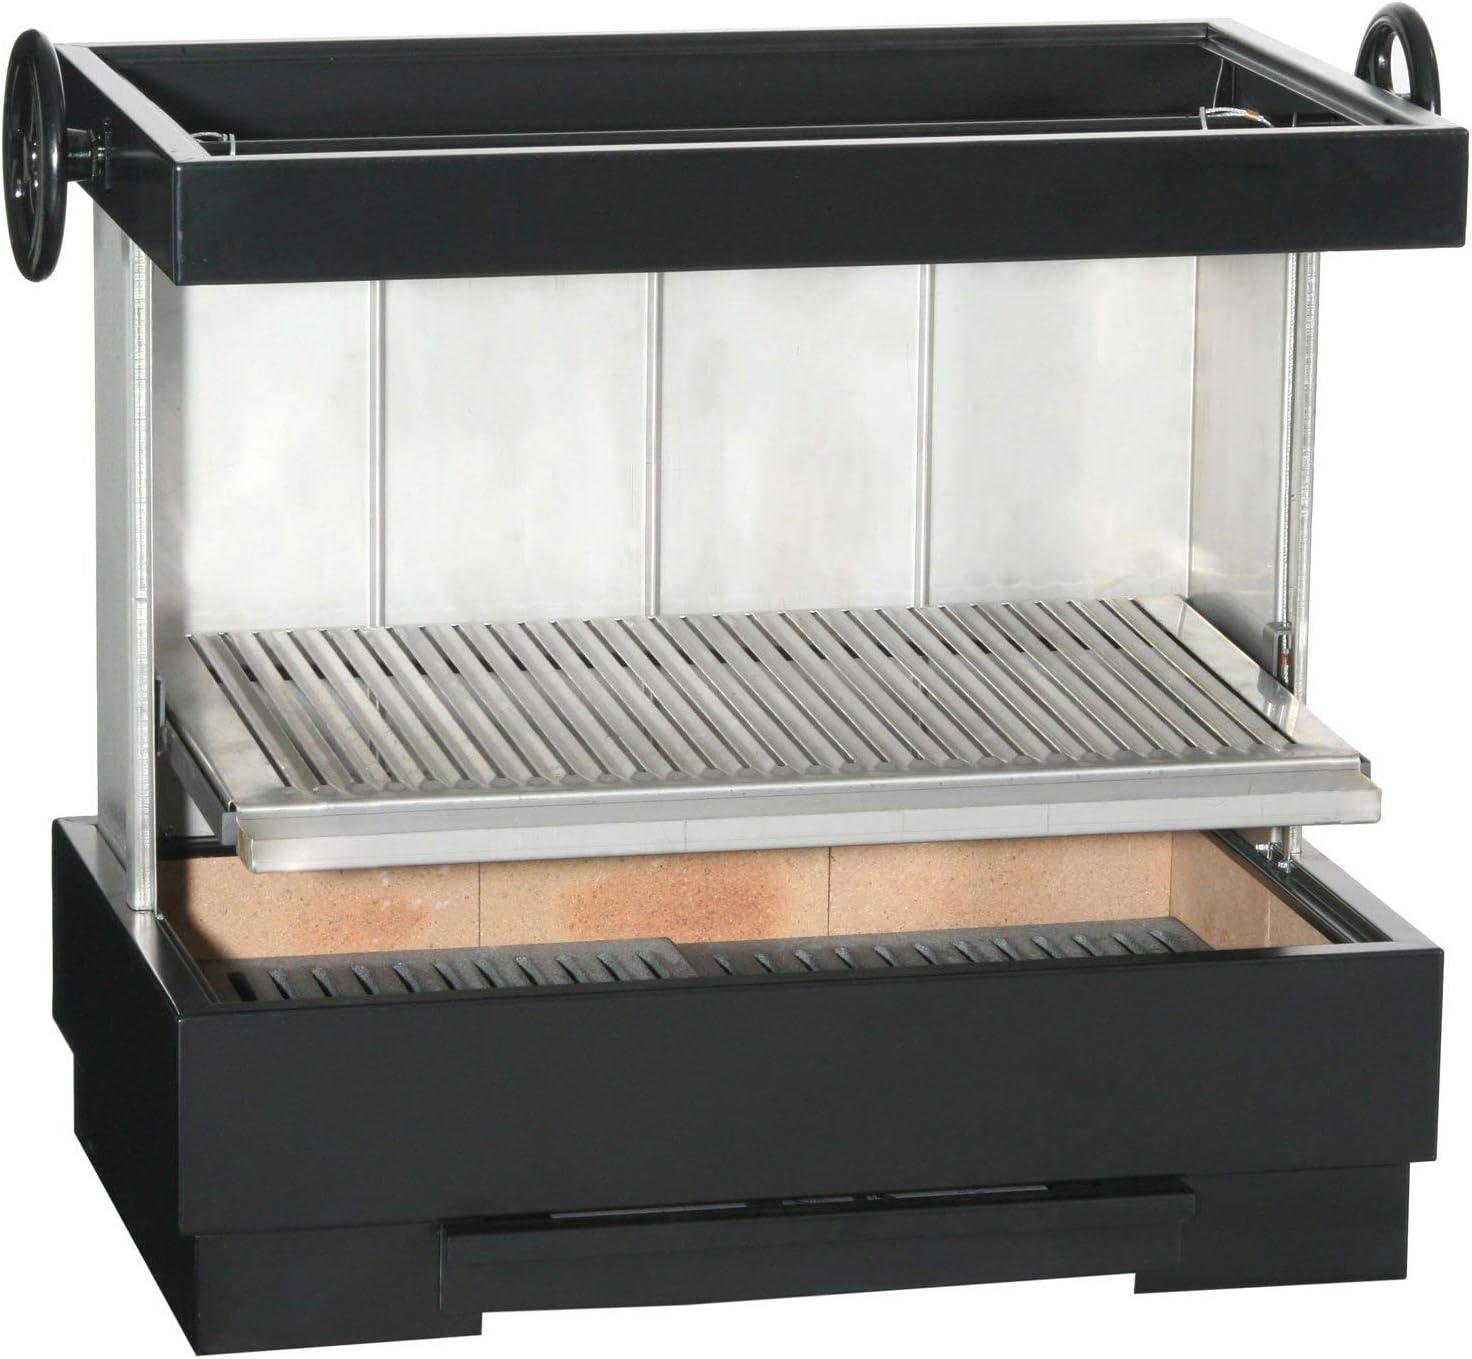 Barbacoa de Acero para Exterior Fabricada en Acero Modelo Verbena.